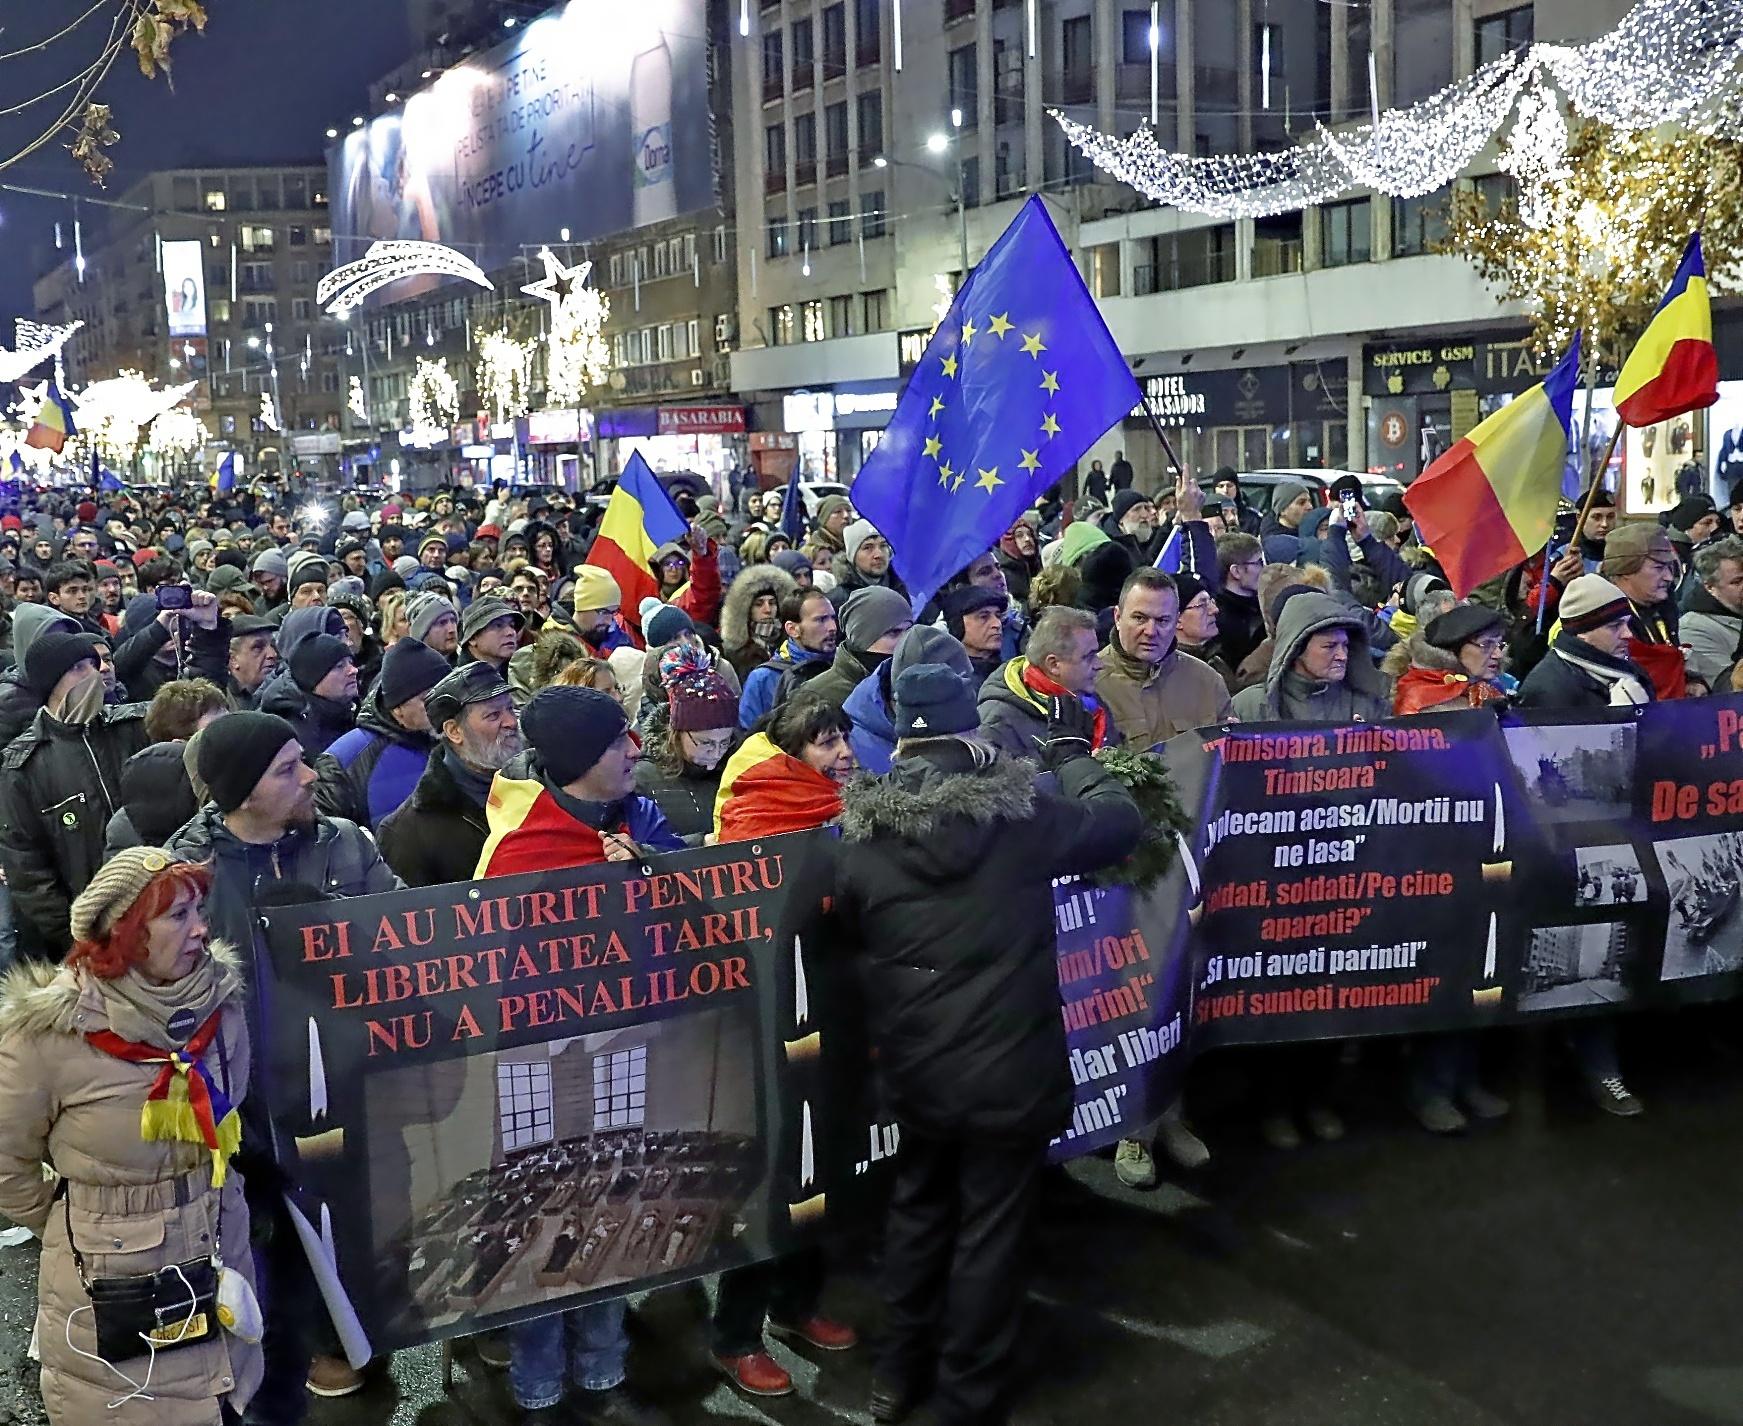 Centenares de rumanos se manifiestan en con banderas de la UE, marchando para conmemorar el levantamiento anticomunista de 1989, en Bucarest.